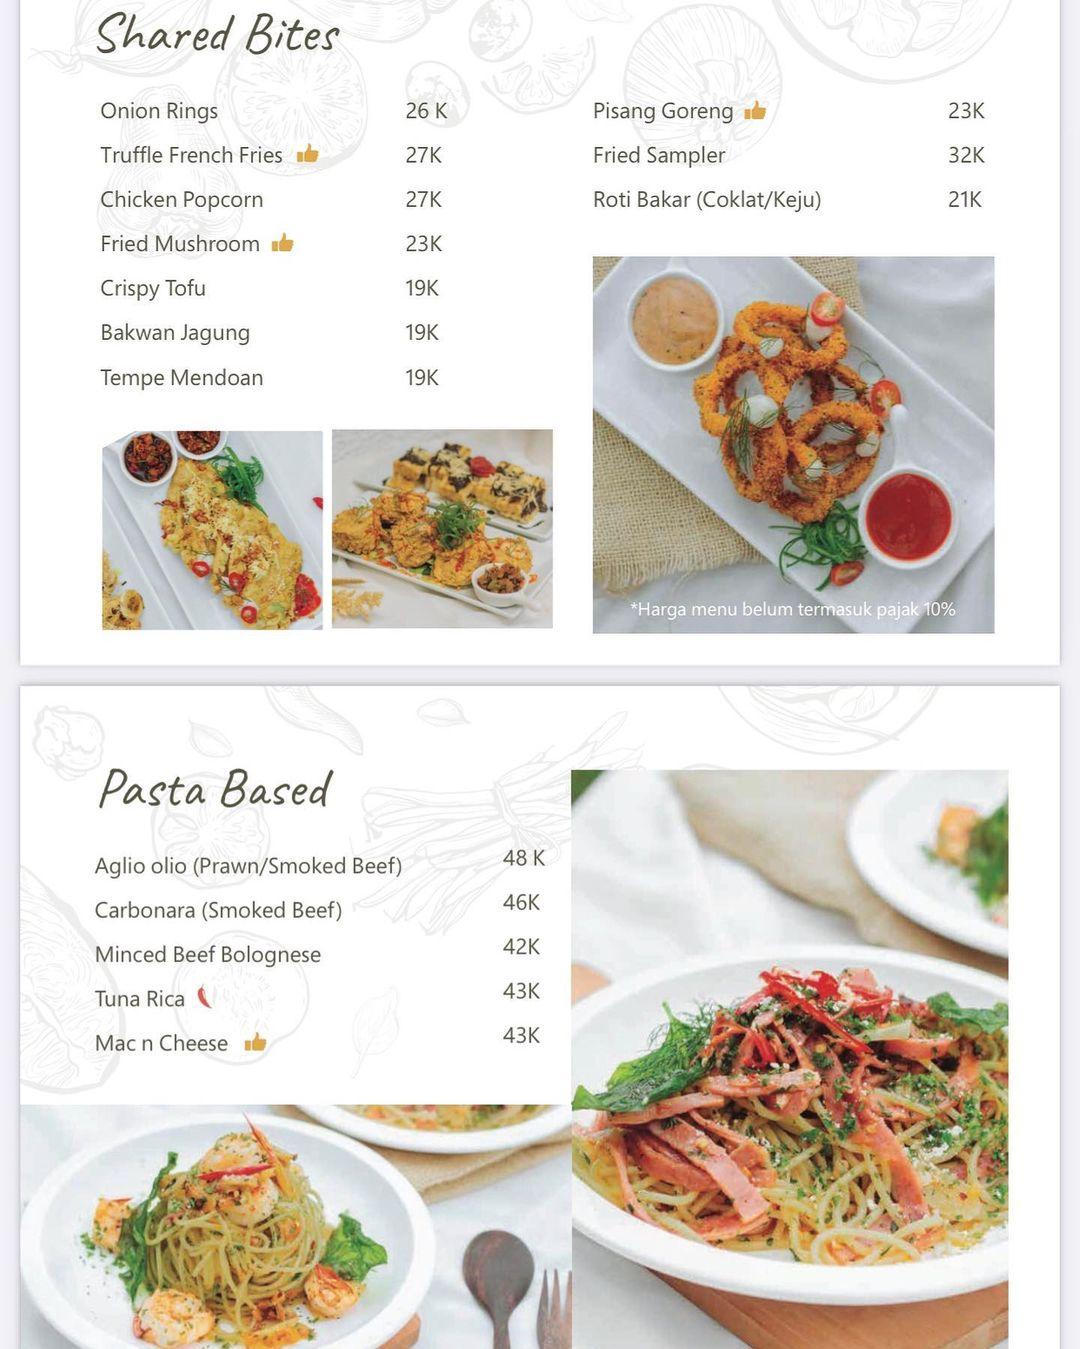 Menu Makanan 2 Padiku Eatery Image From @hargamenucek